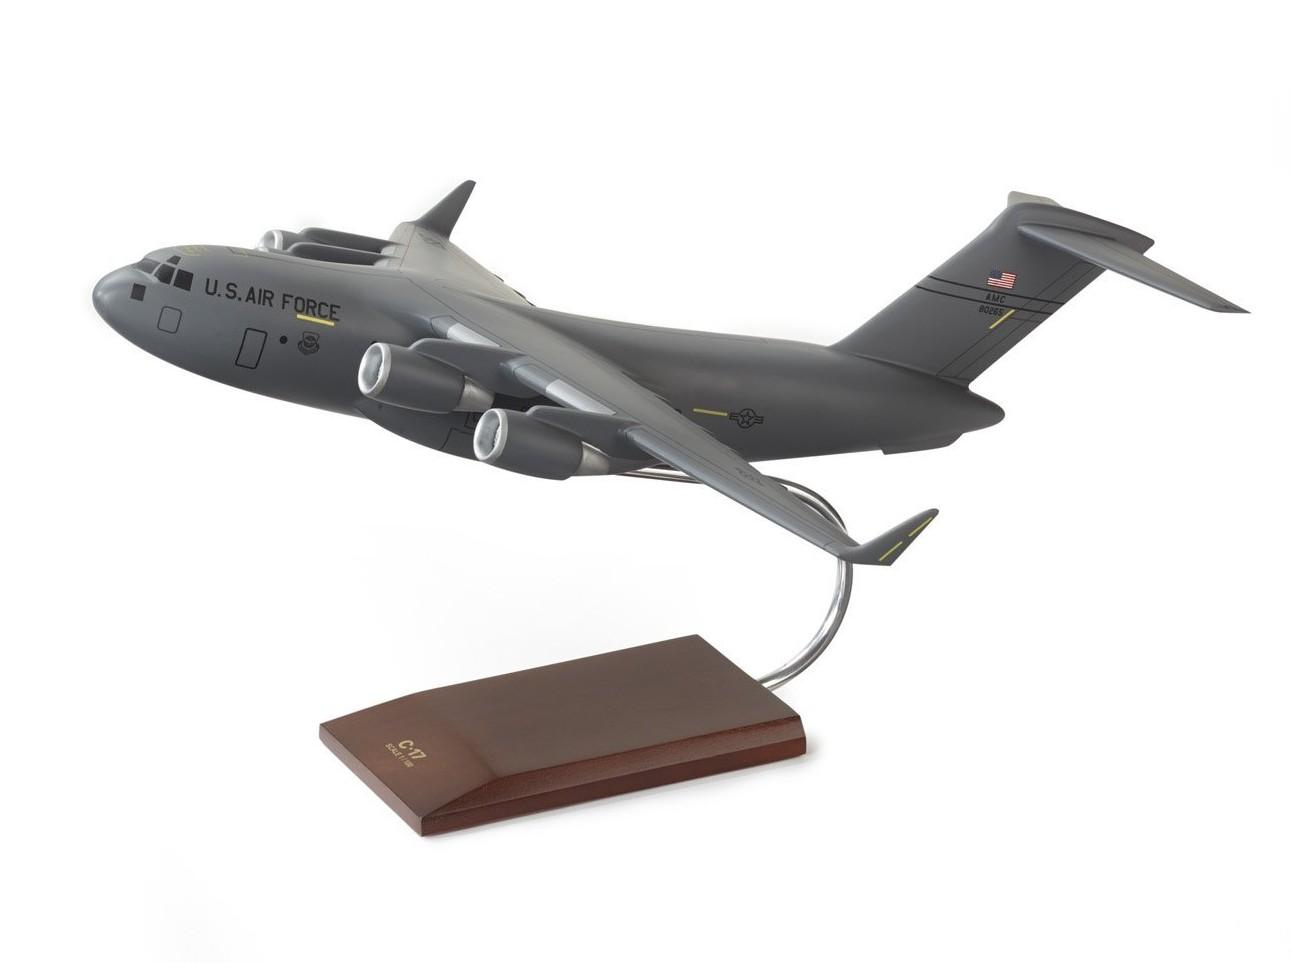 ボーイング C-17 Globemaster III 1:100 Wood Model ダイキャスト